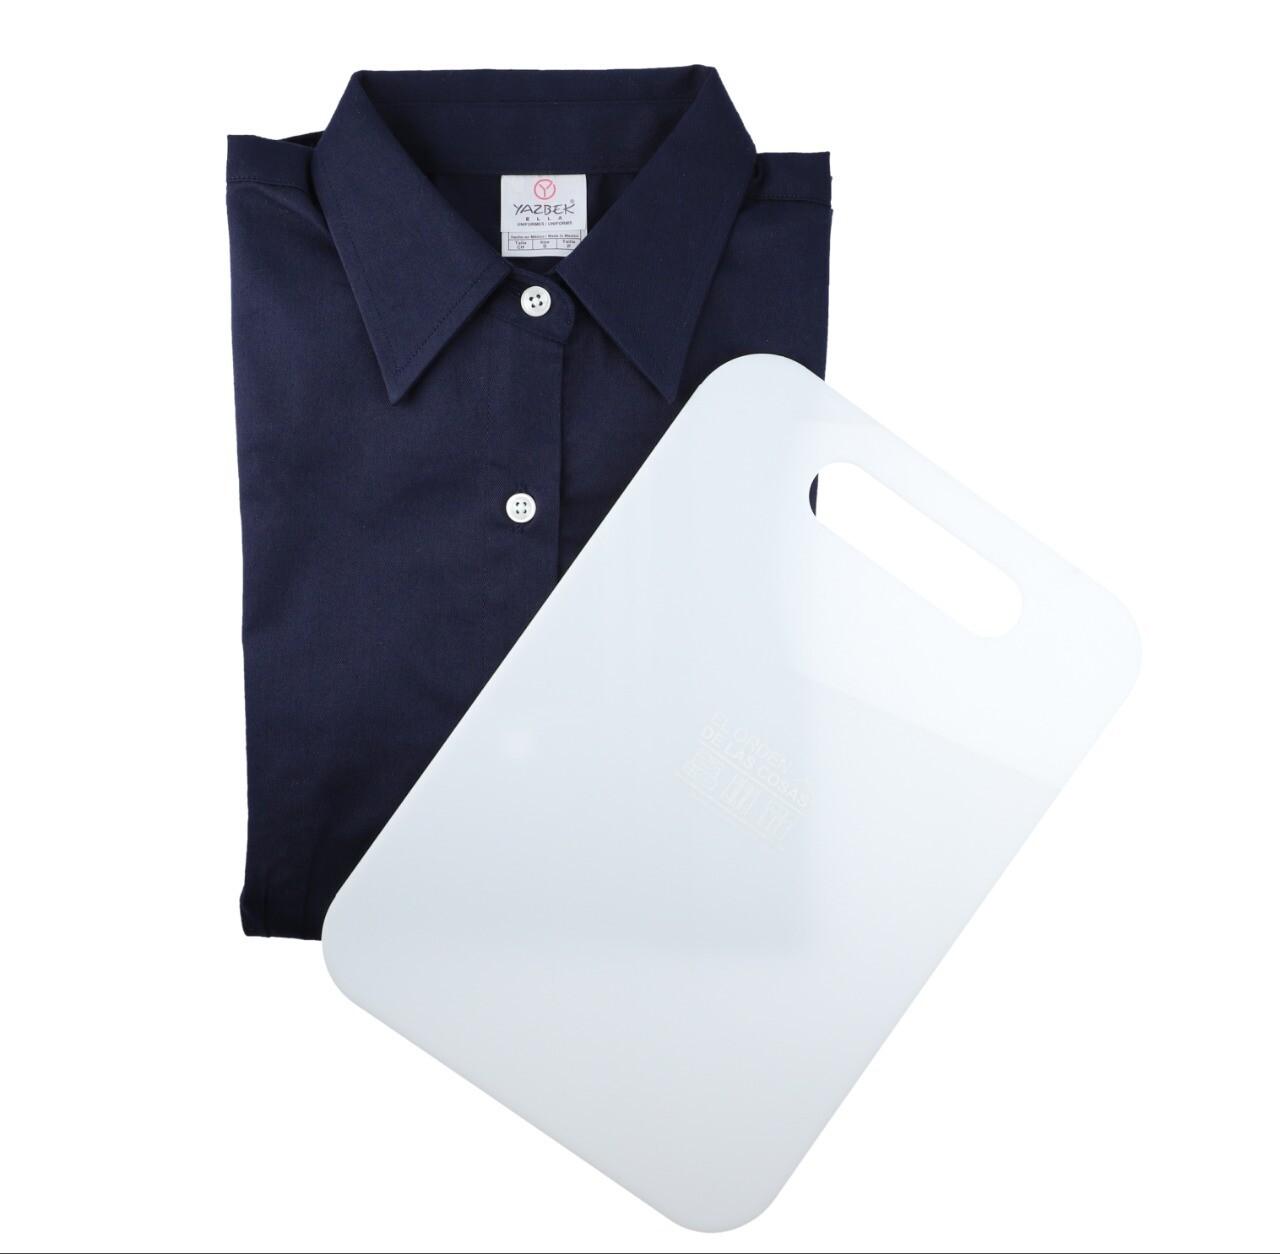 91008 Tabla acrílico para doblar ropa